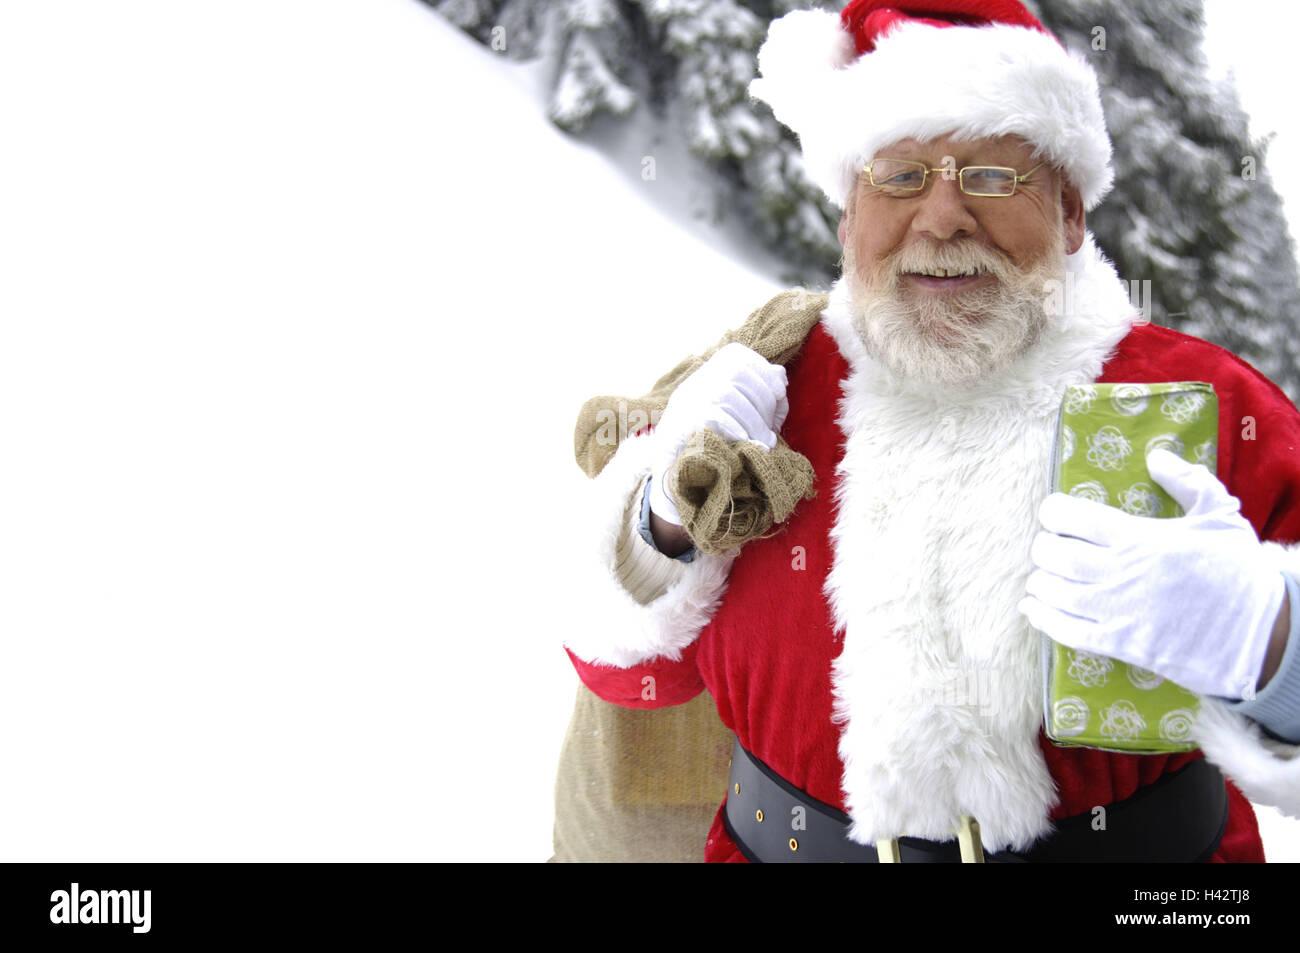 Winter Holz, Santa Claus, Beutel, Geschenke, Carry, Lächeln, Porträt ...